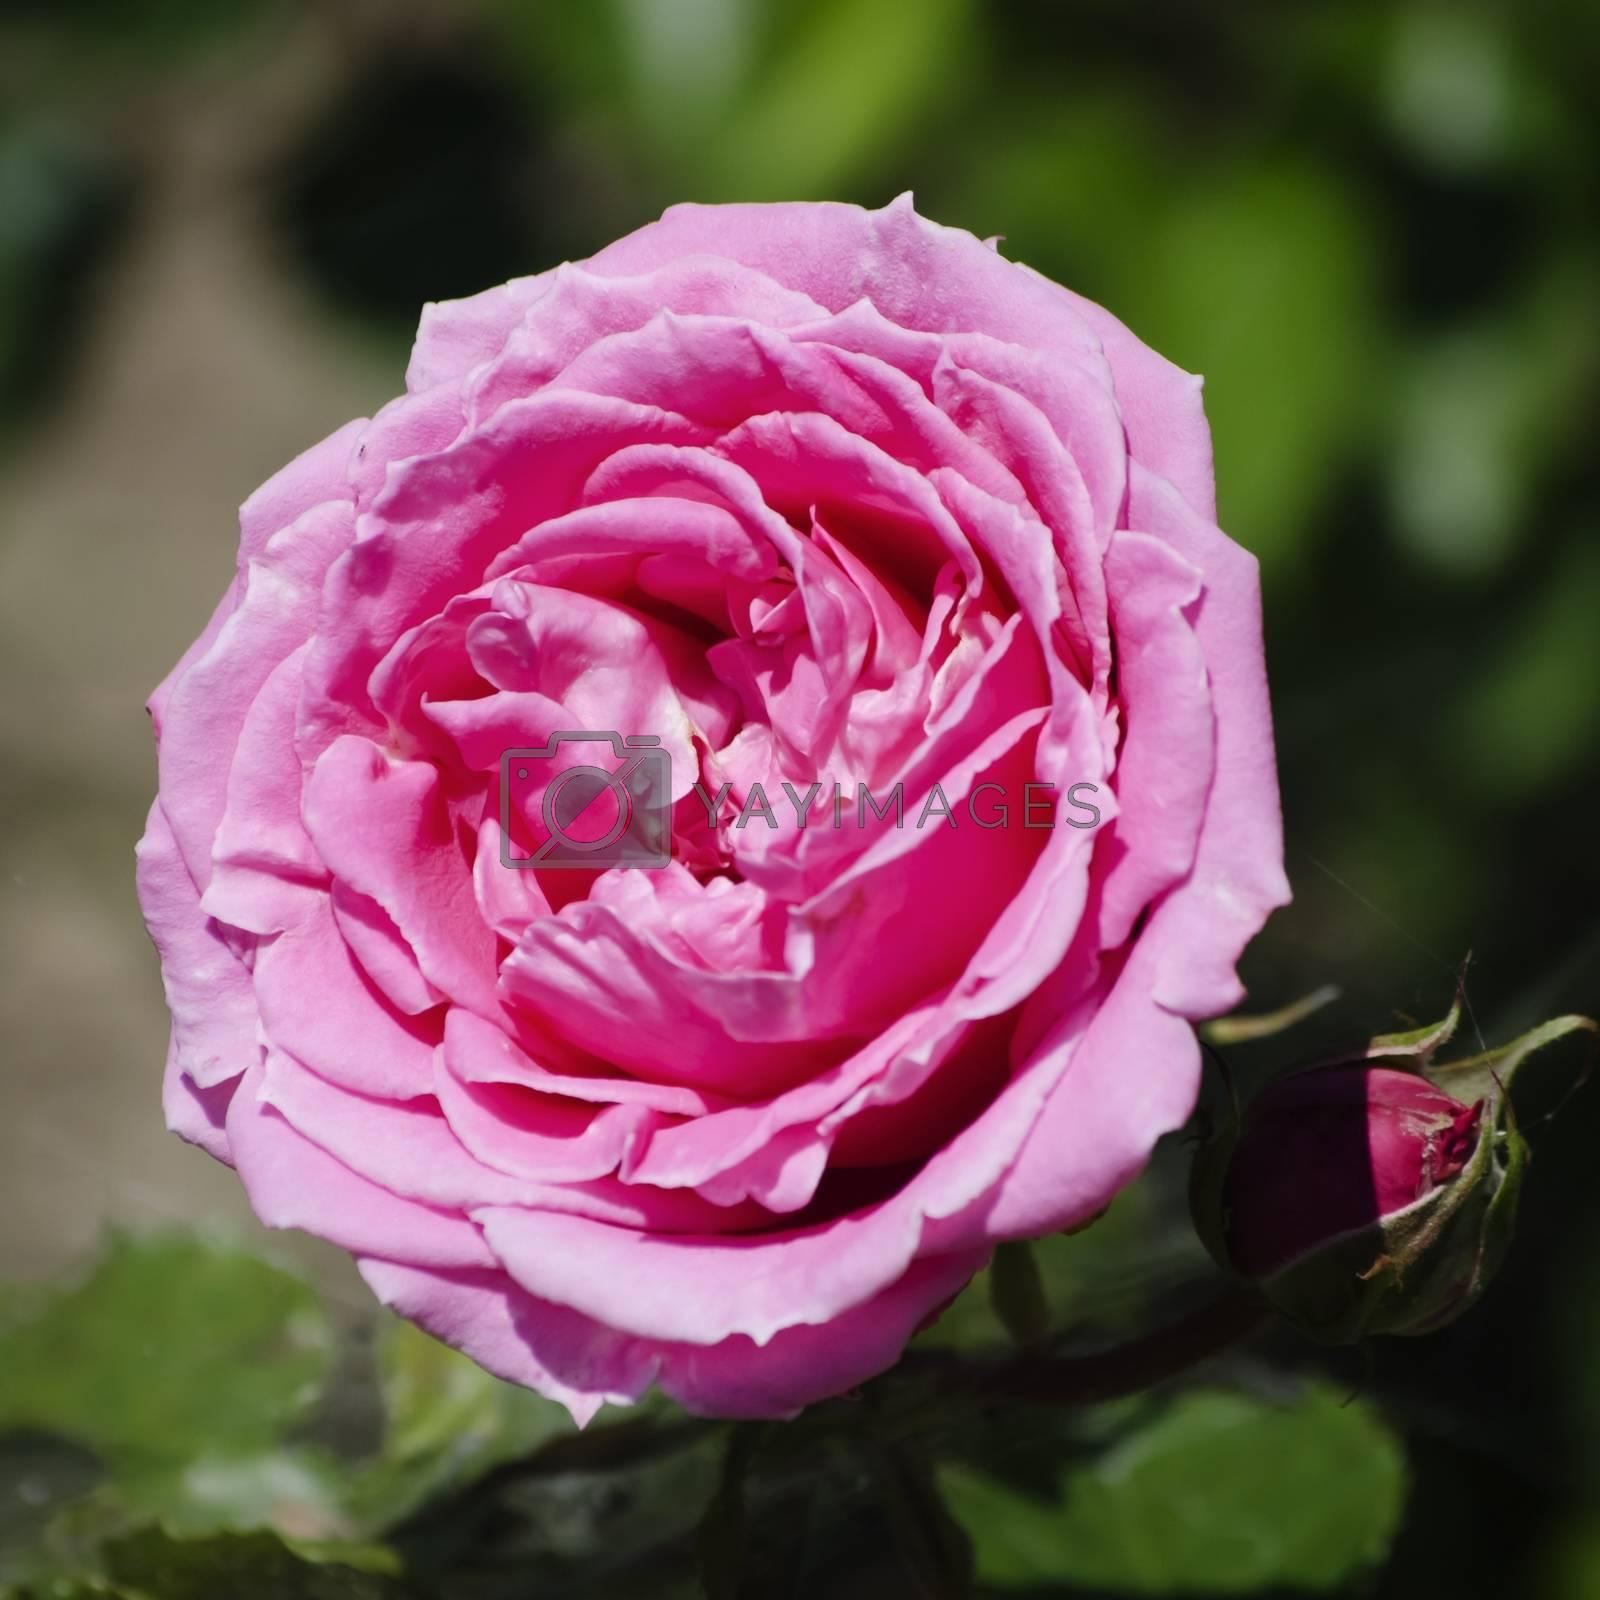 Rose Flower by razvodovska